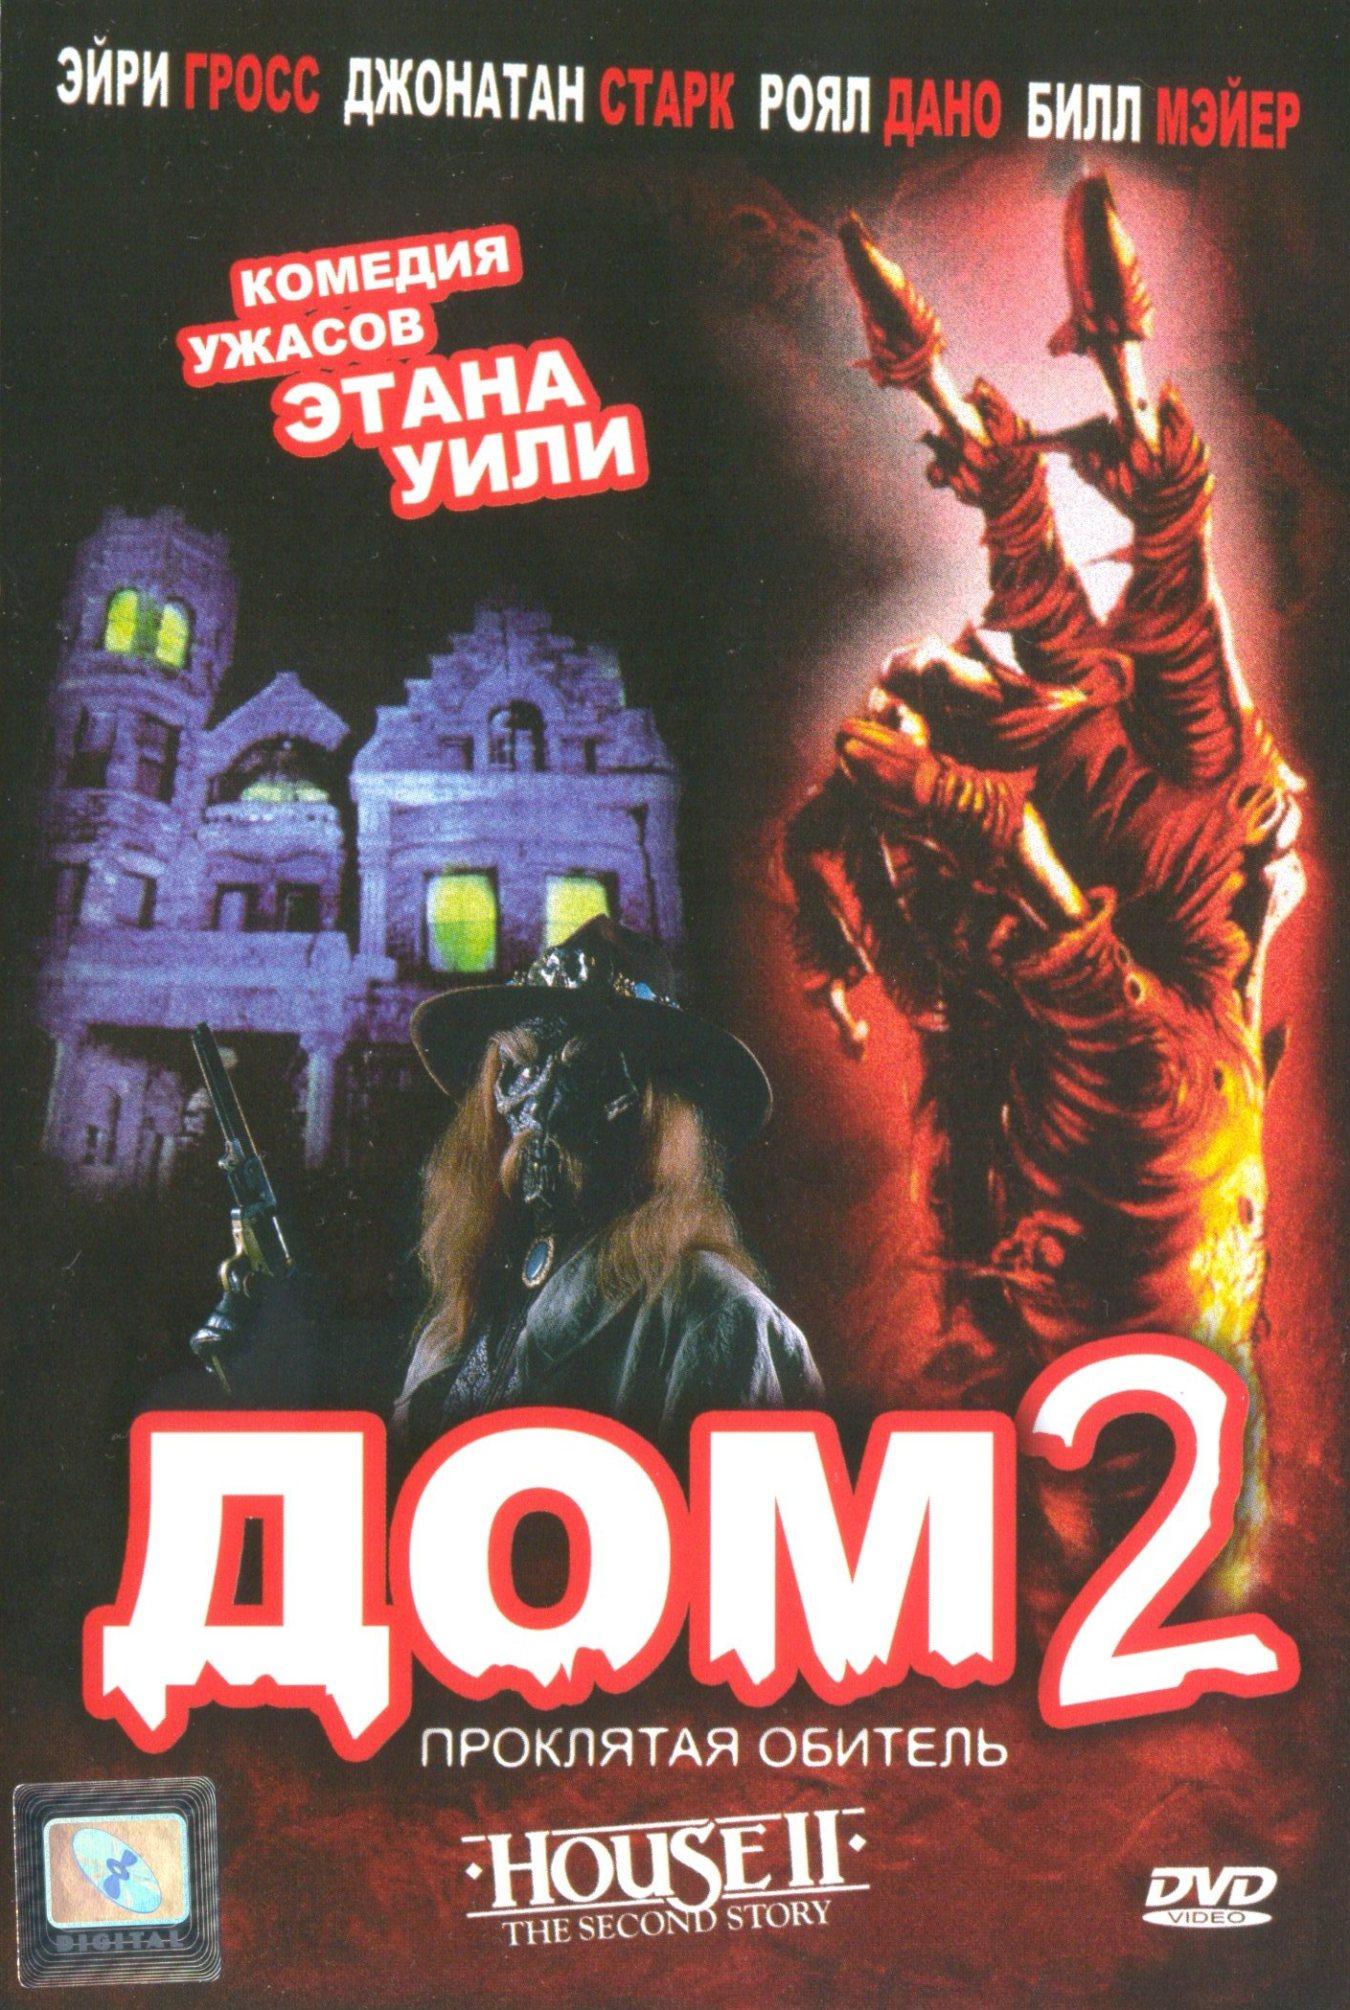 смотреть дом 2 фильм смотреть онлайн: